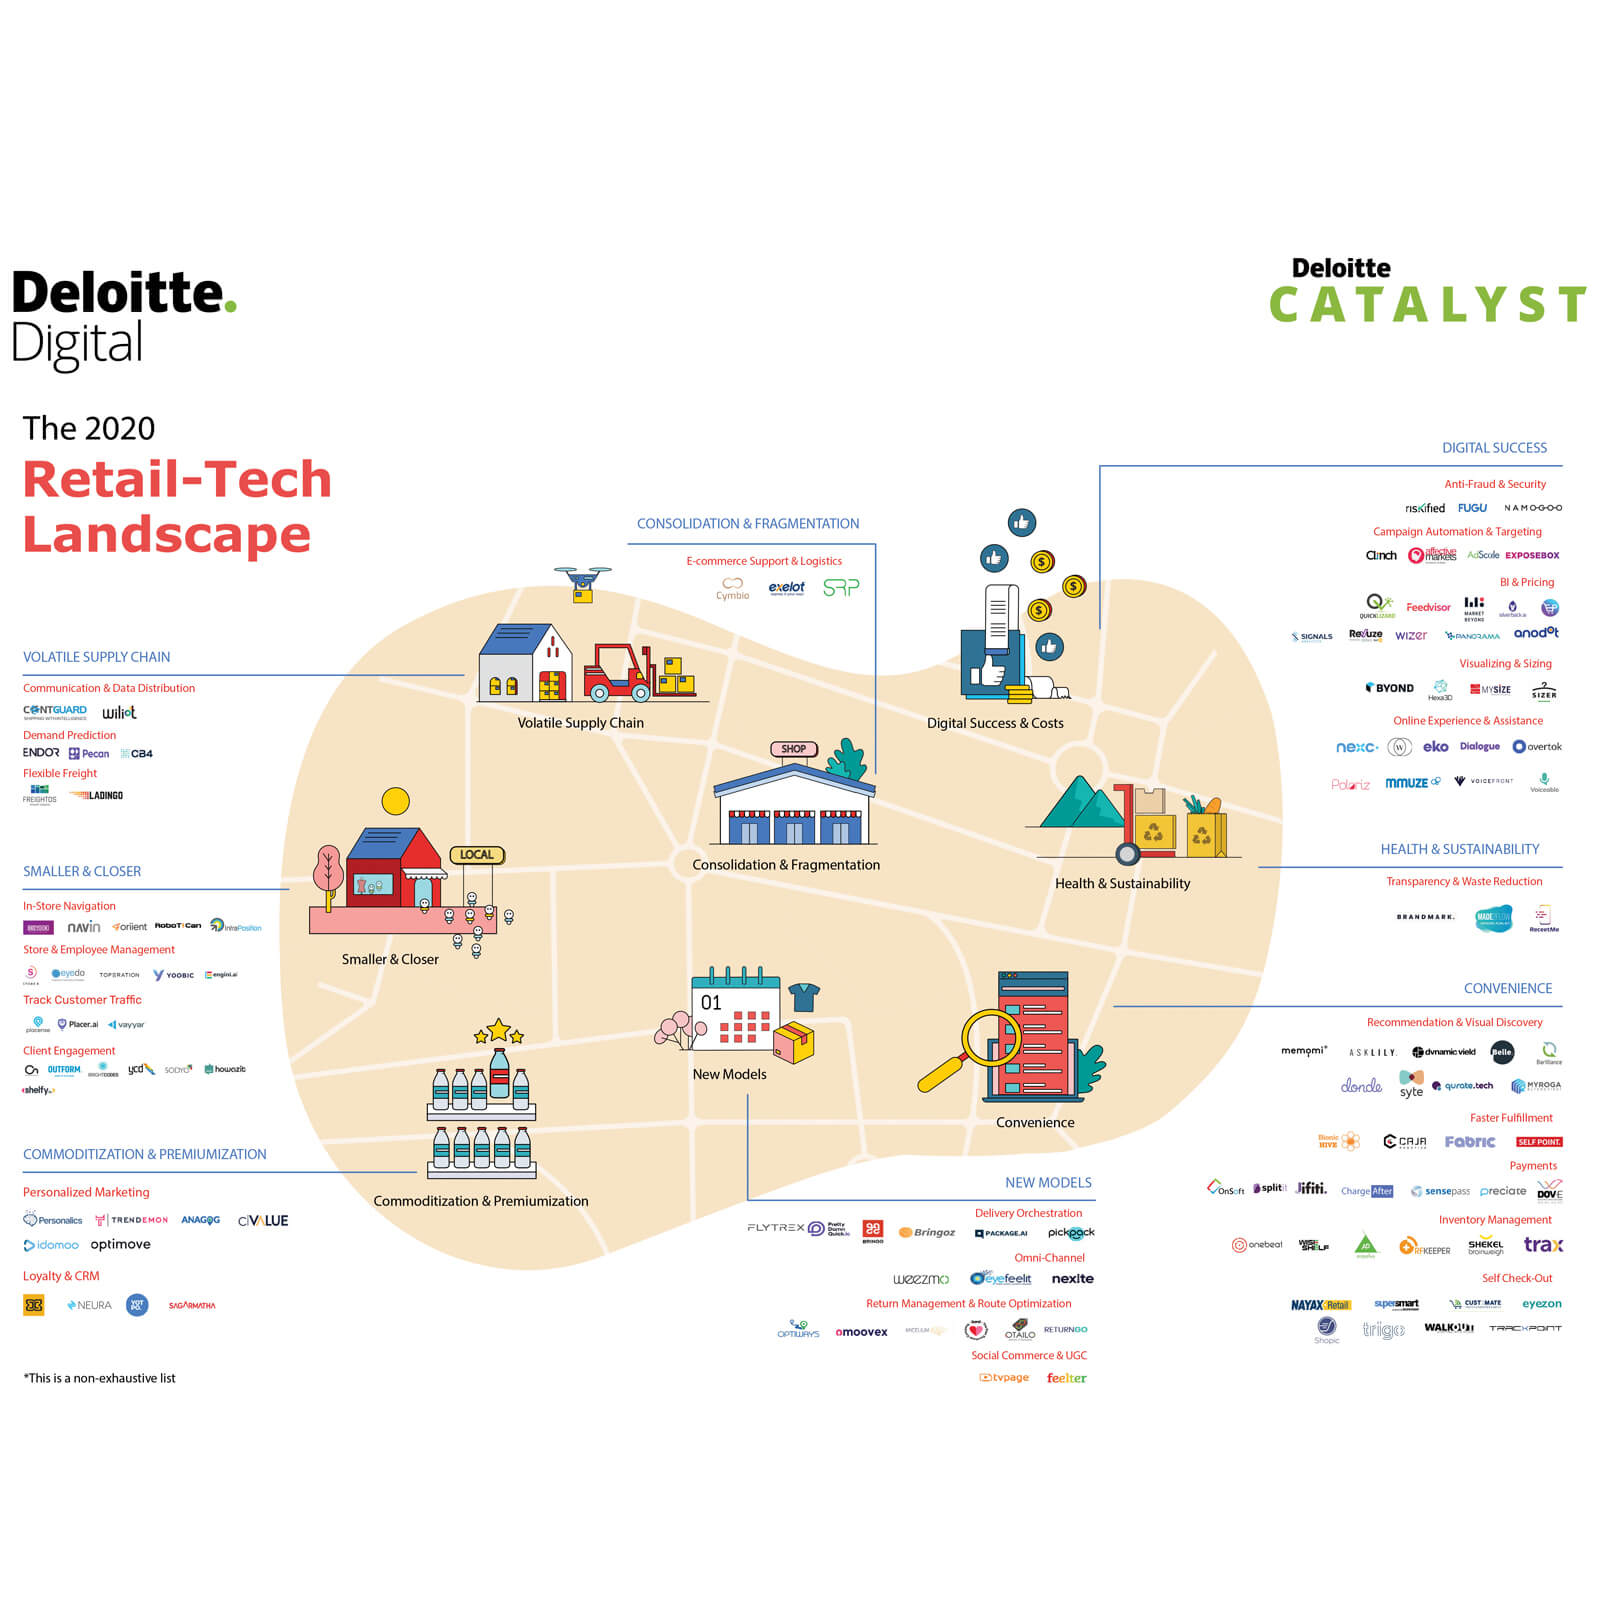 Future of Retail-Tech Landscape 2020